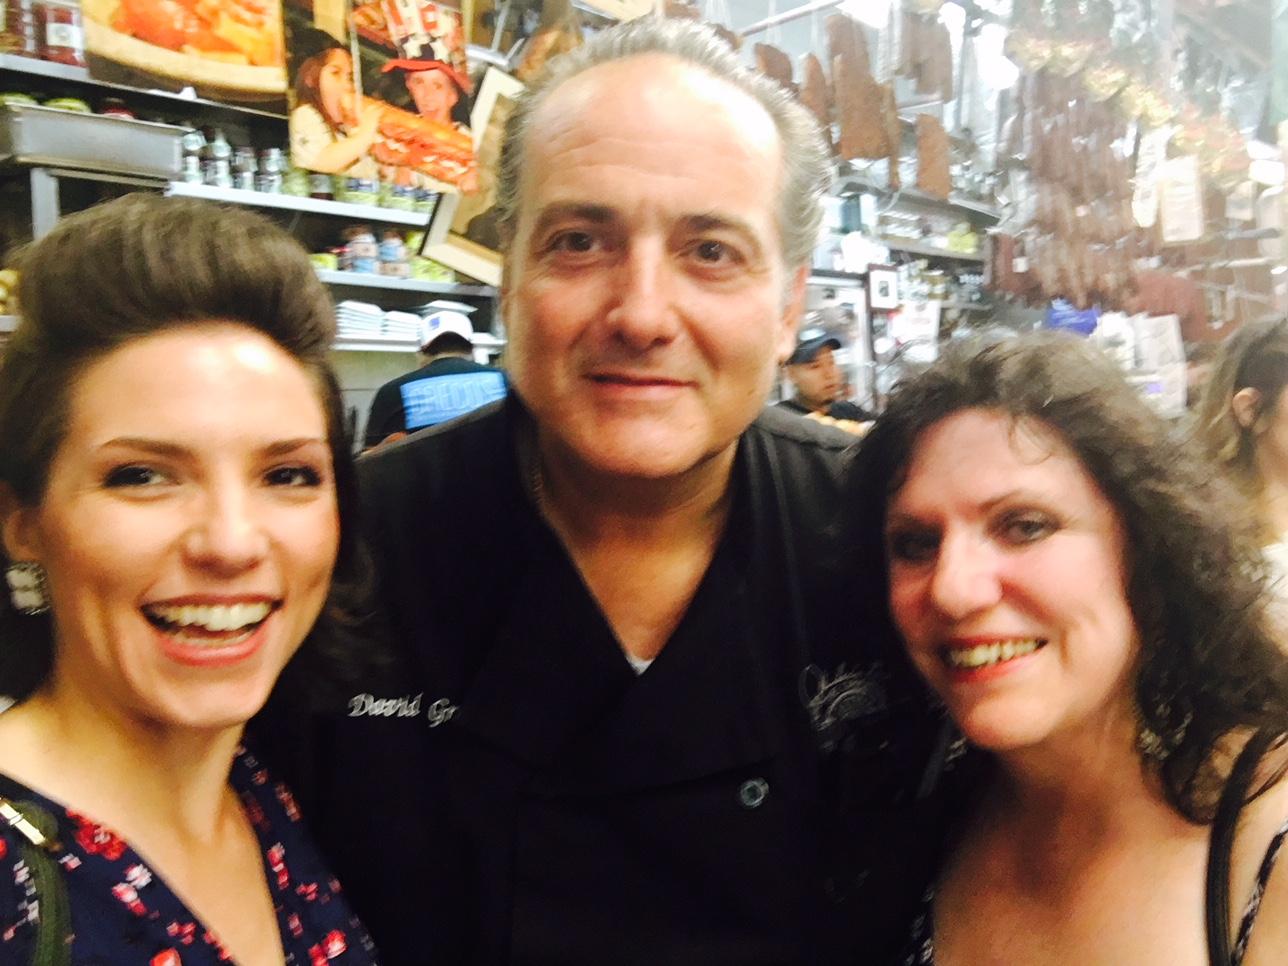 With David Greco at Ferragosto in the Arthur Avenue Market.